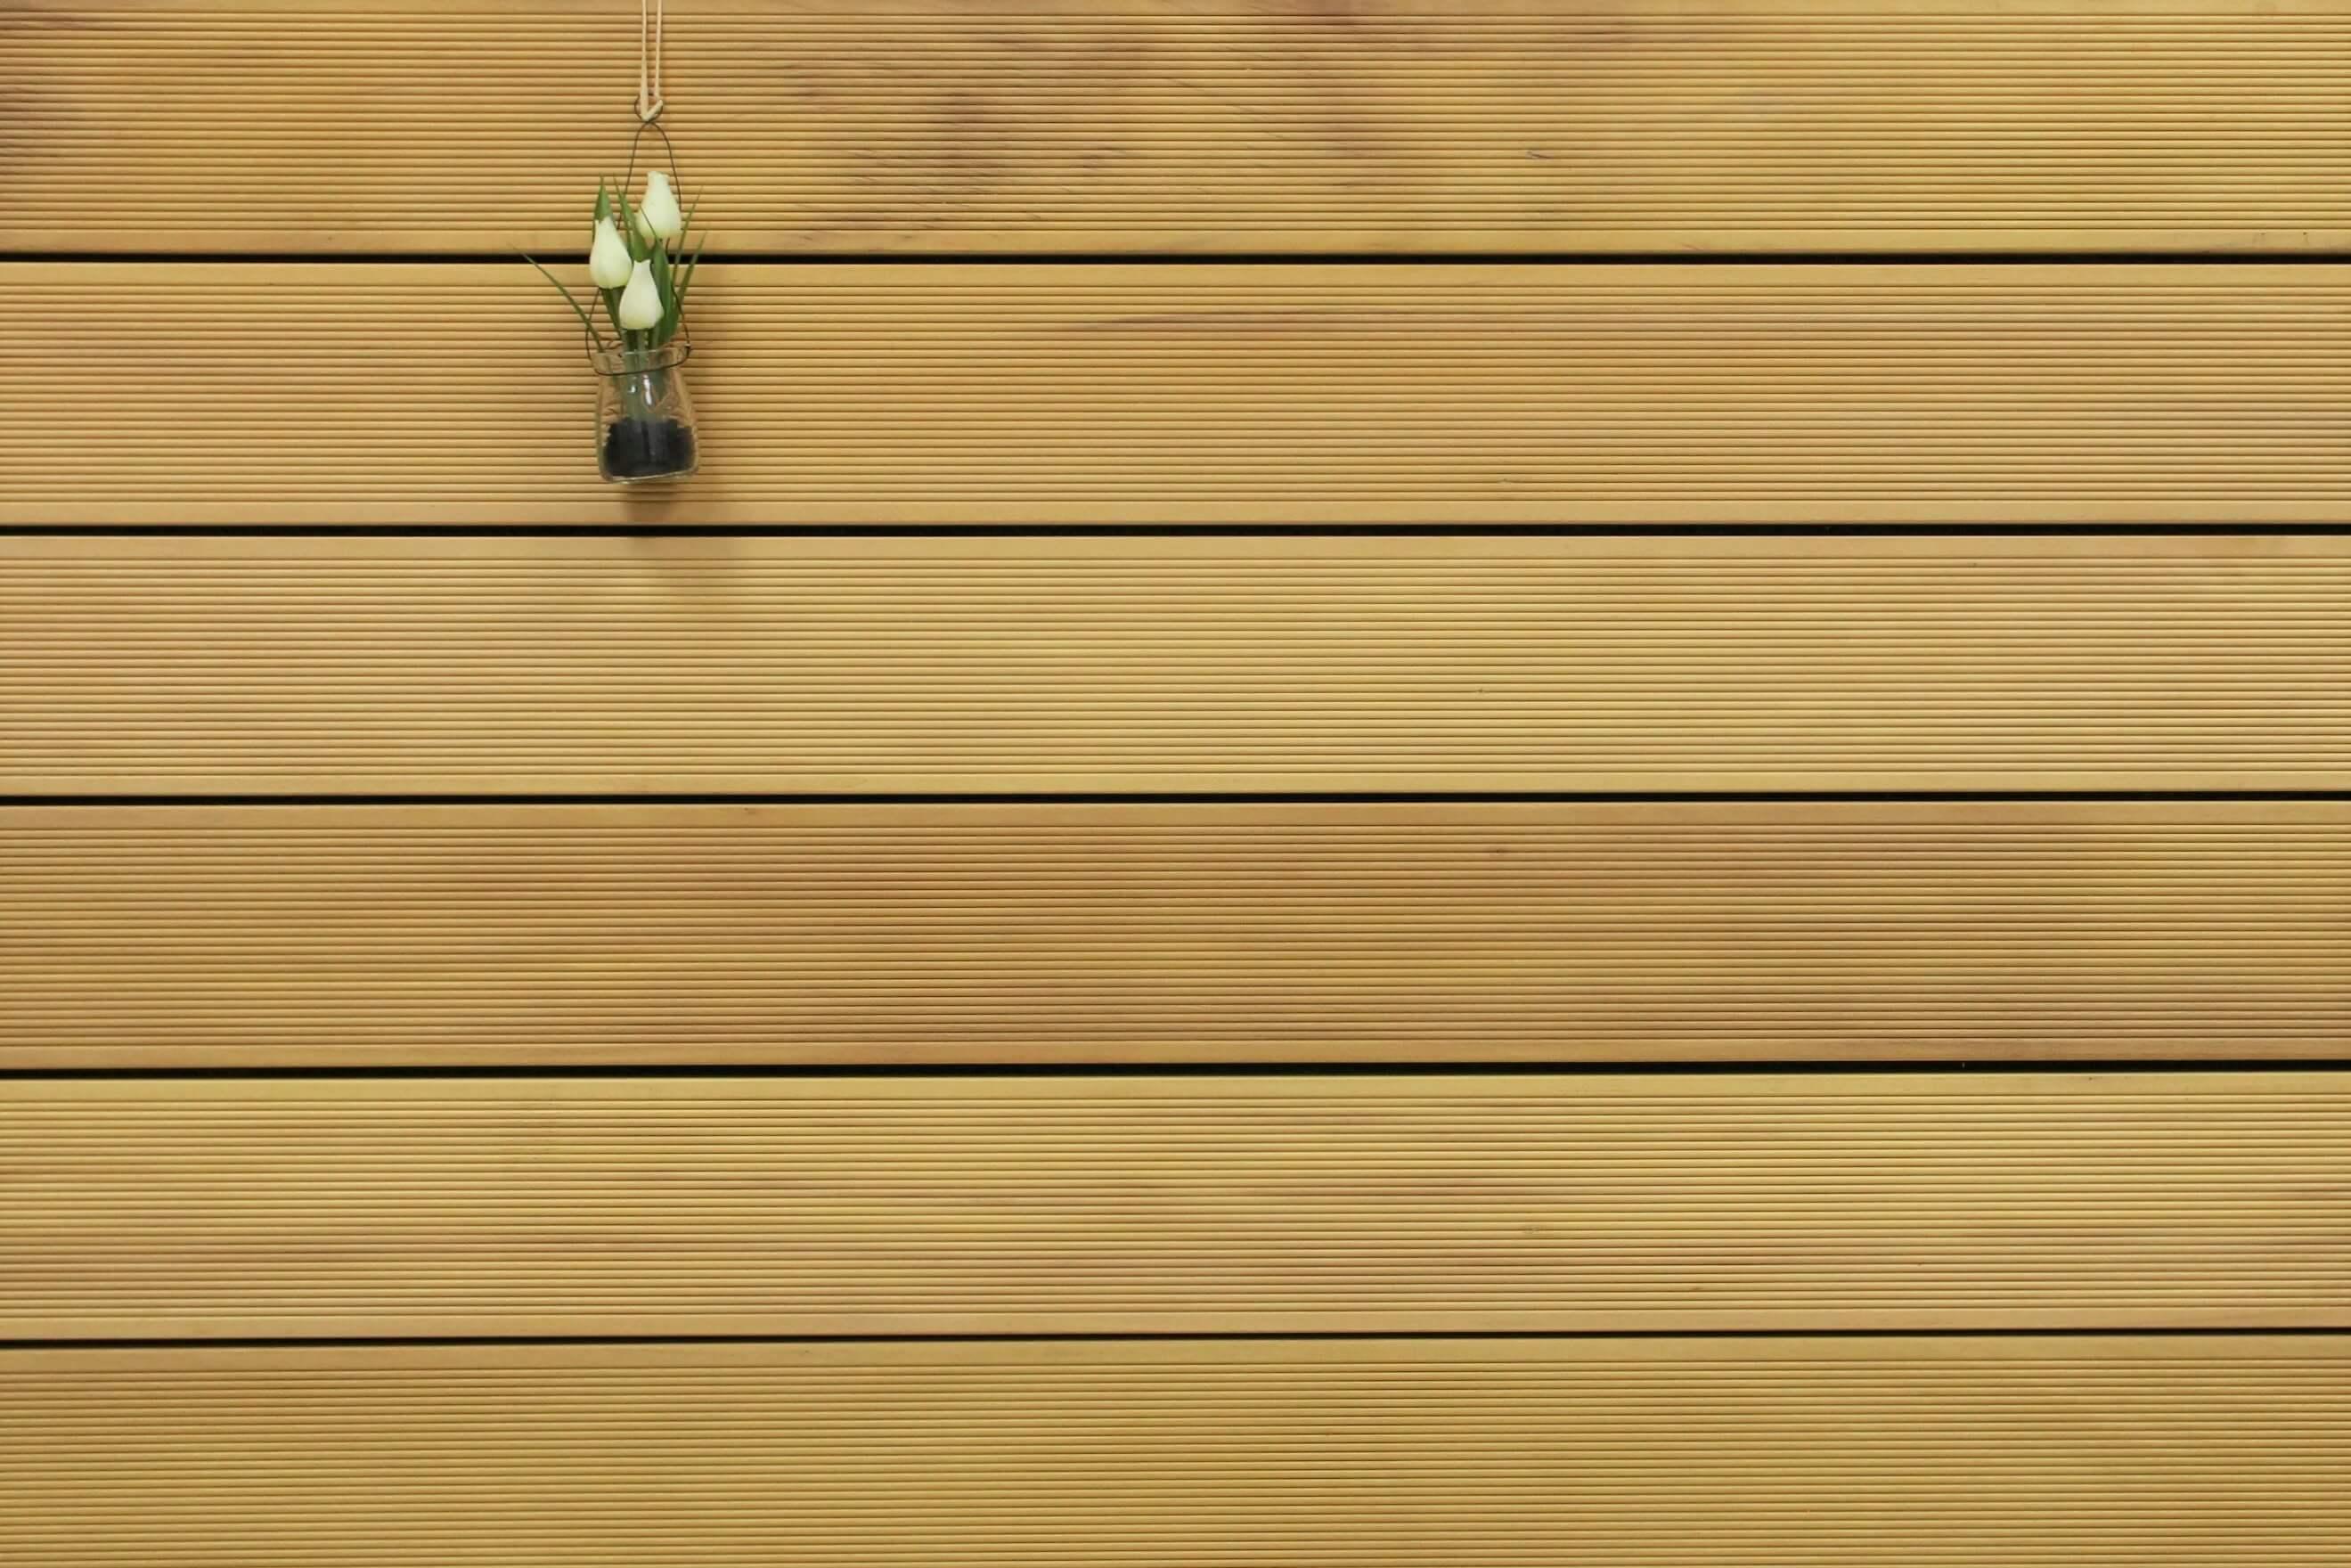 Garapa Holz Dielen für die Terrasse, 9,90 €/lfm, Premium (KD) fein gerillt, 25 x 145 bis 6100 mm, Terrassendielen Bretter